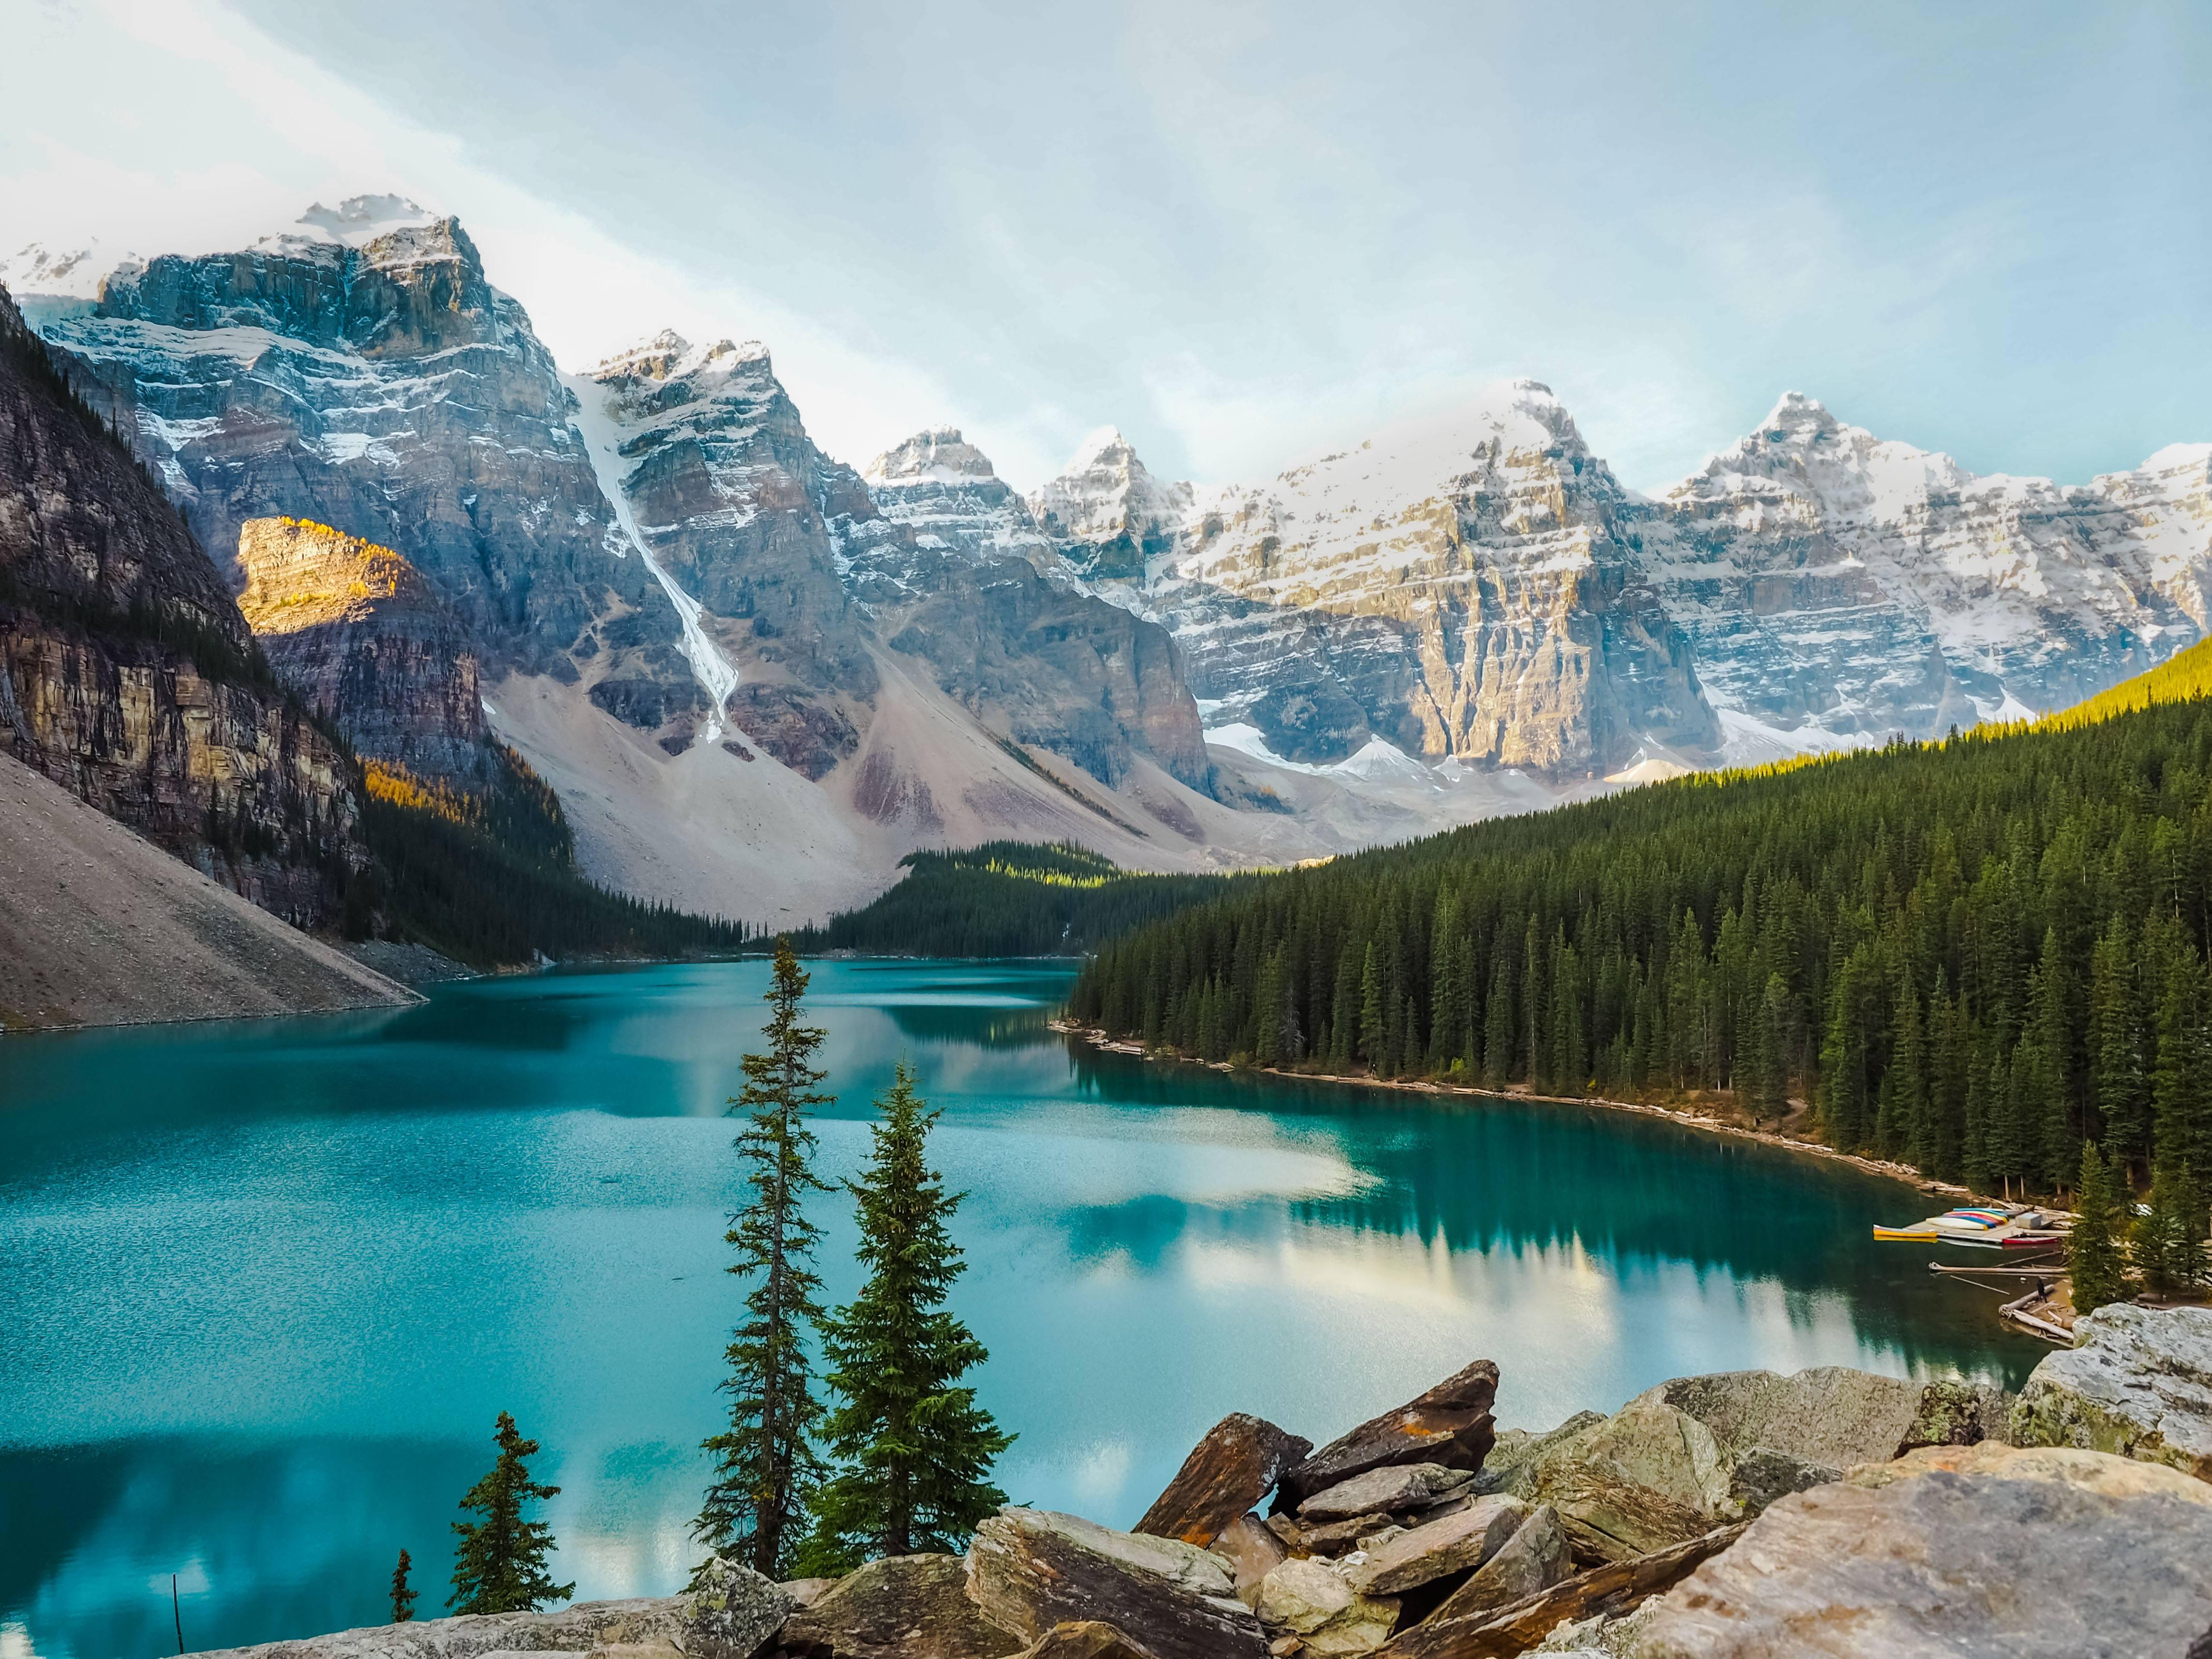 Moraine Lake in Alberta